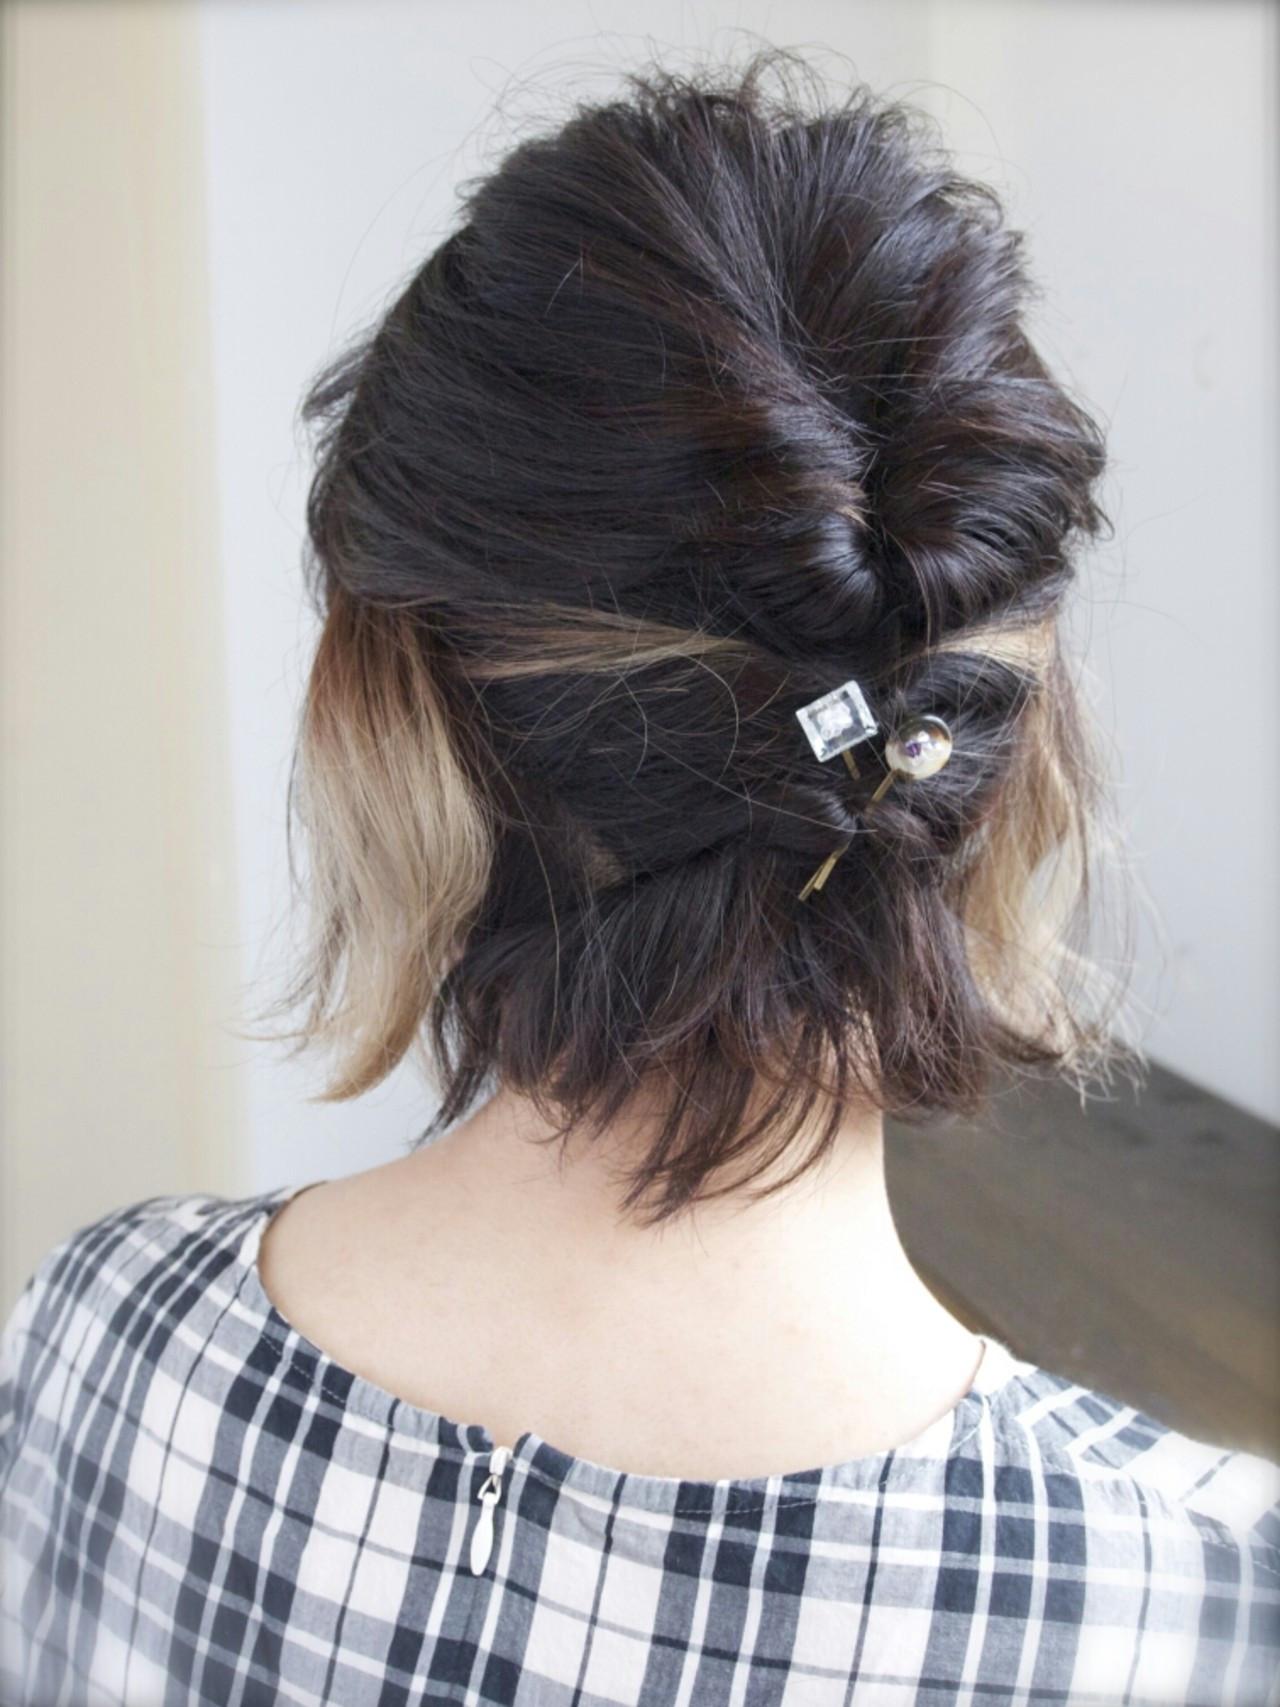 短い髪でも大丈夫!実は簡単なショートアレンジで朝から可愛く大変身♡ 山口 華絵 Lépés Nakameguro